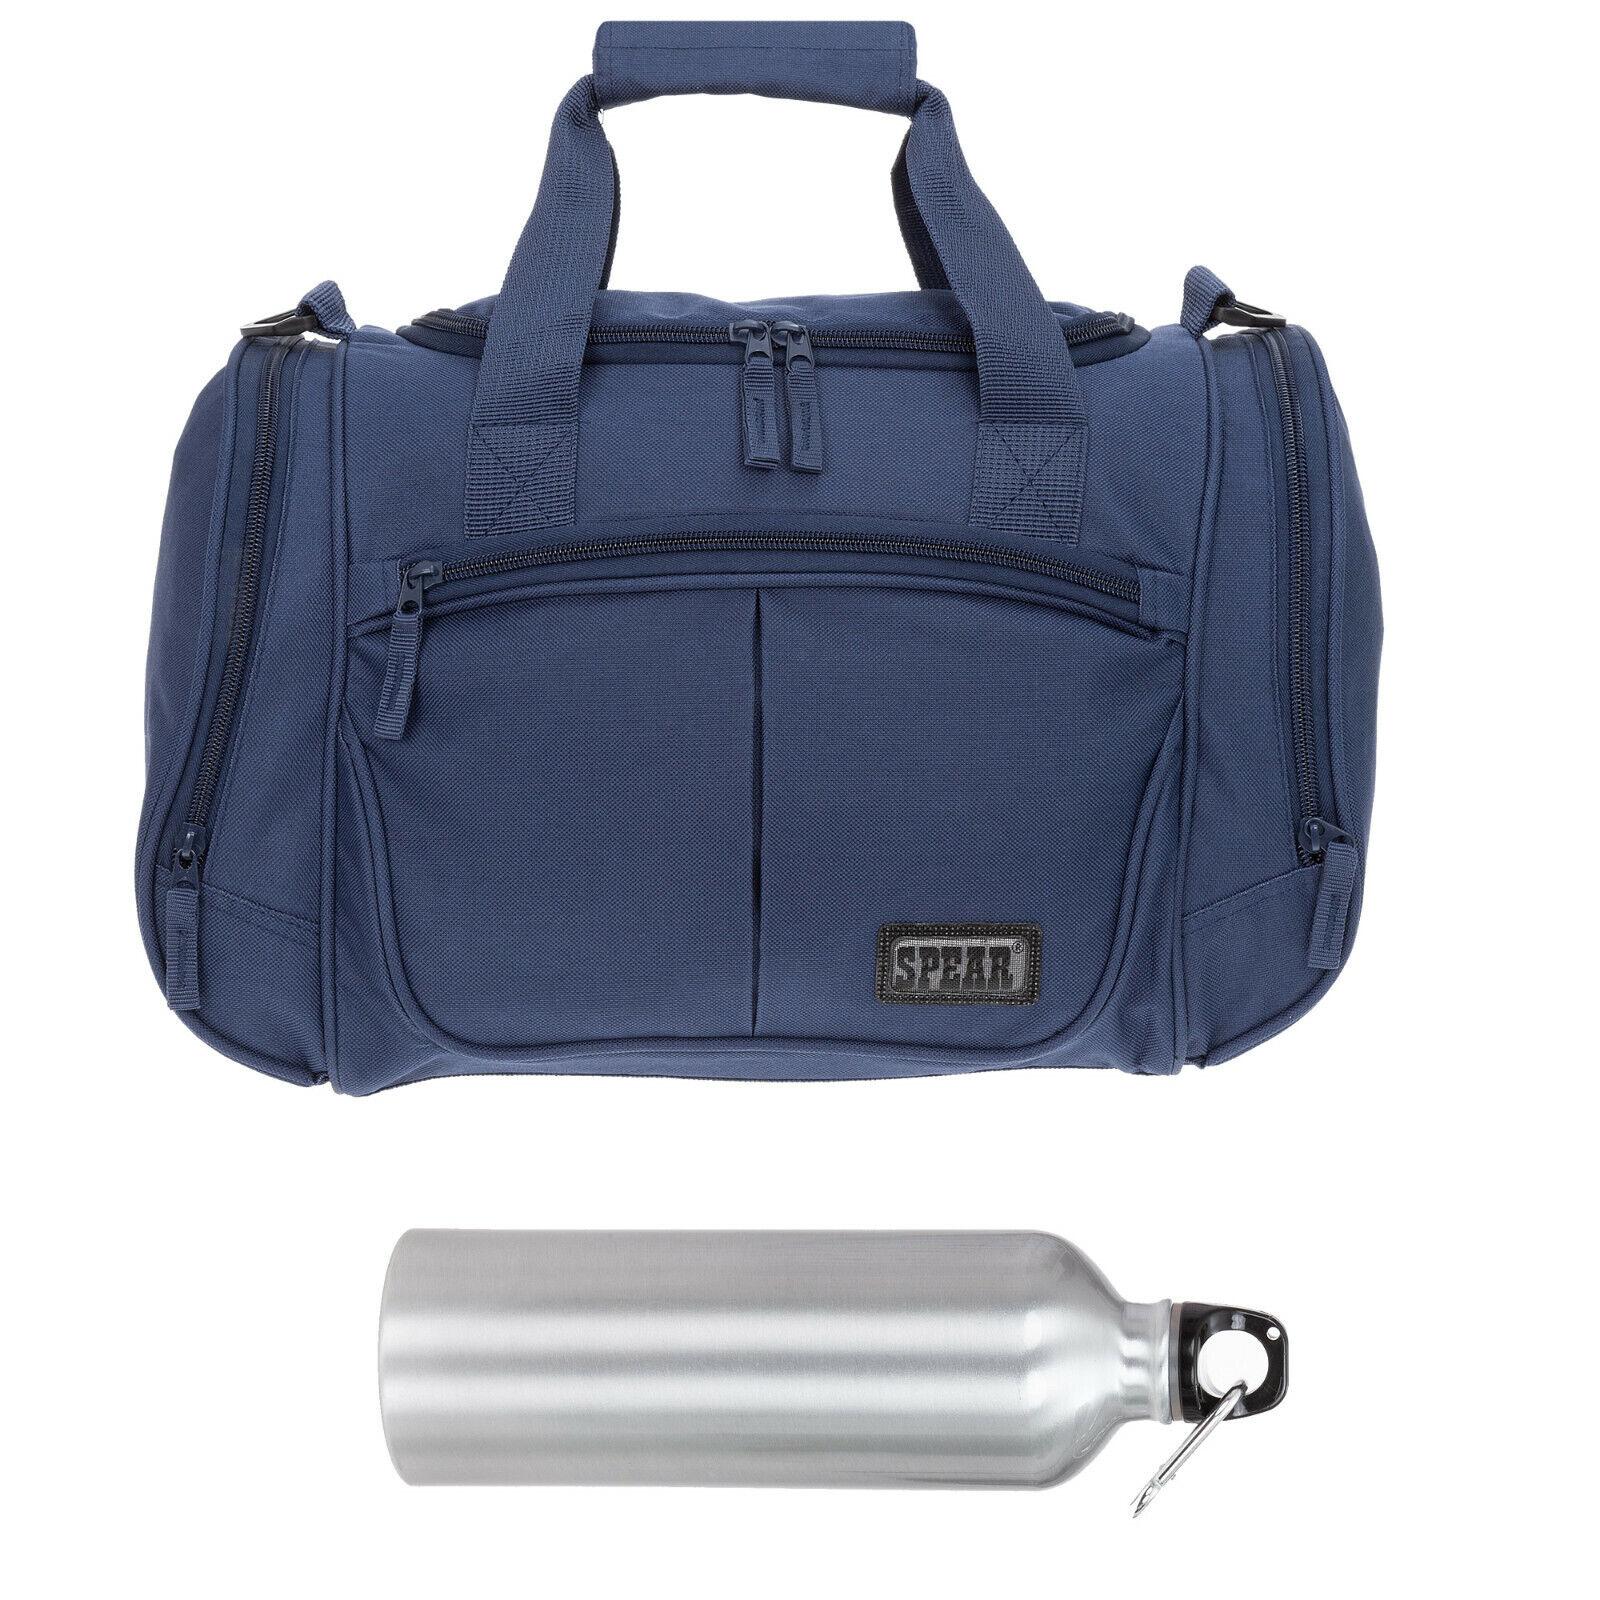 Sporttasche klein 42 cm Spear Sport Fitness Tasche Kindertasche BLAU +Aluflasche